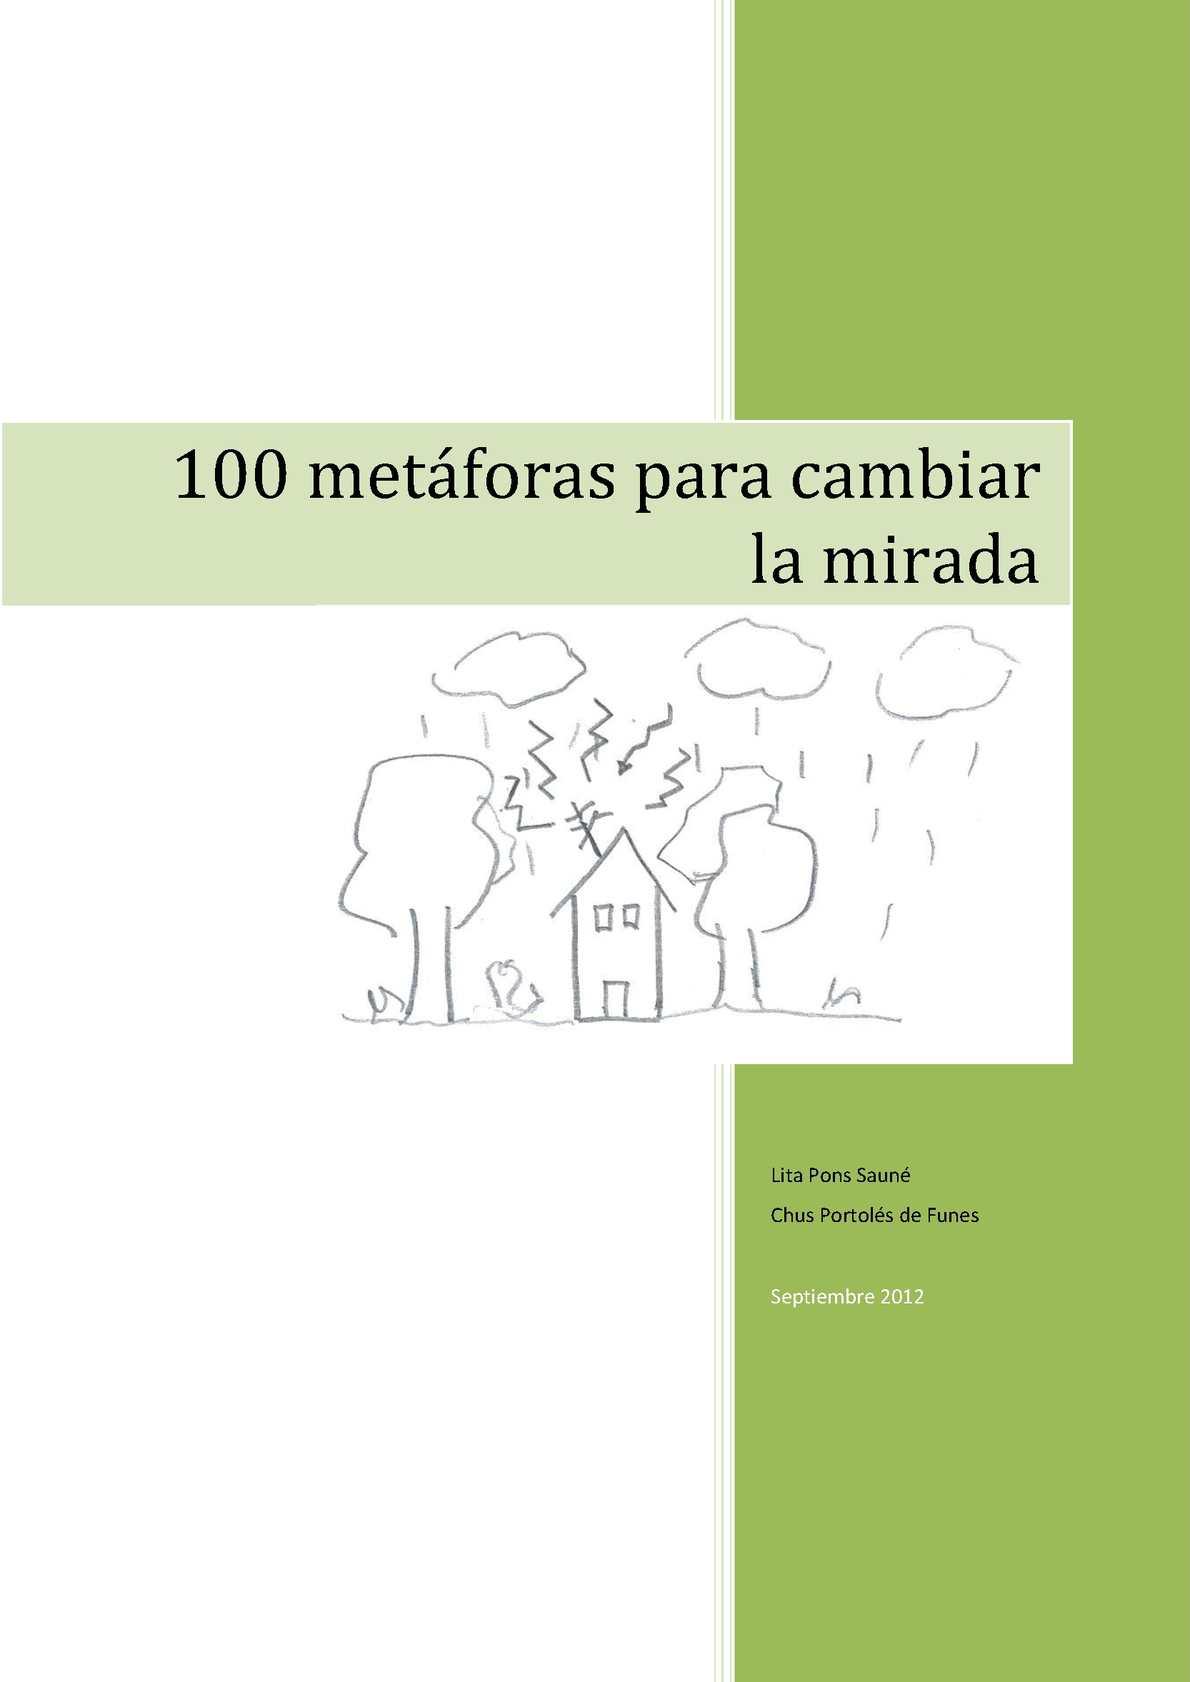 Calaméo 100 Metáforas Para La Cambiar Mirada kiPuOZX